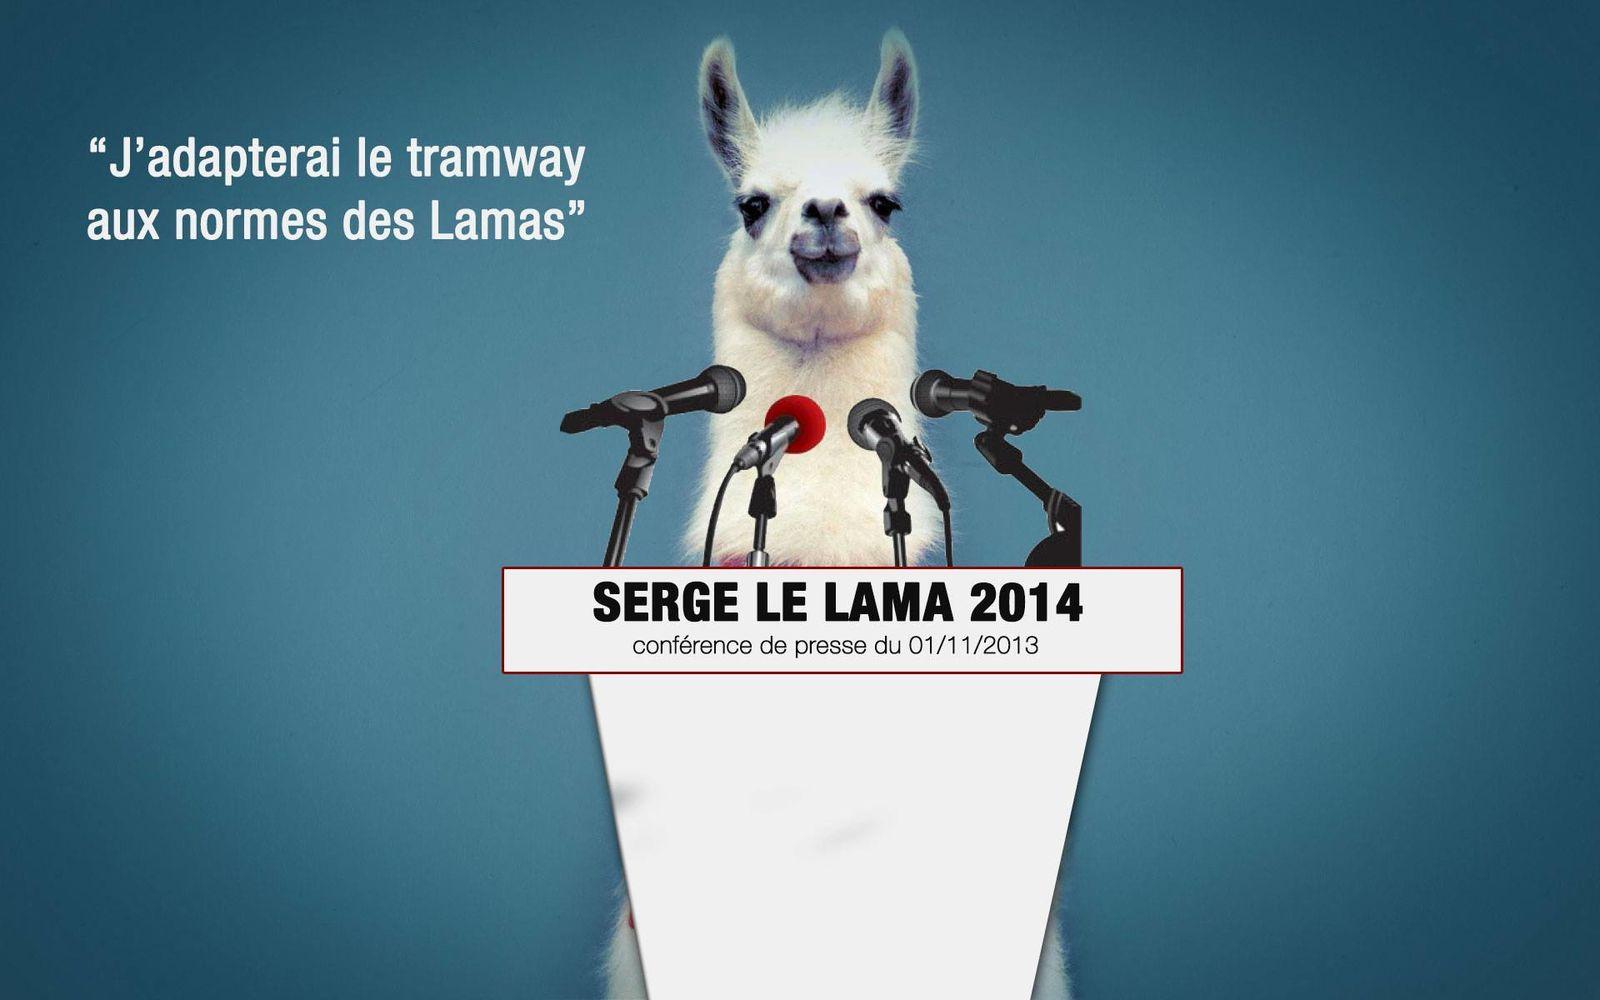 La parabole «Serge le Lama»